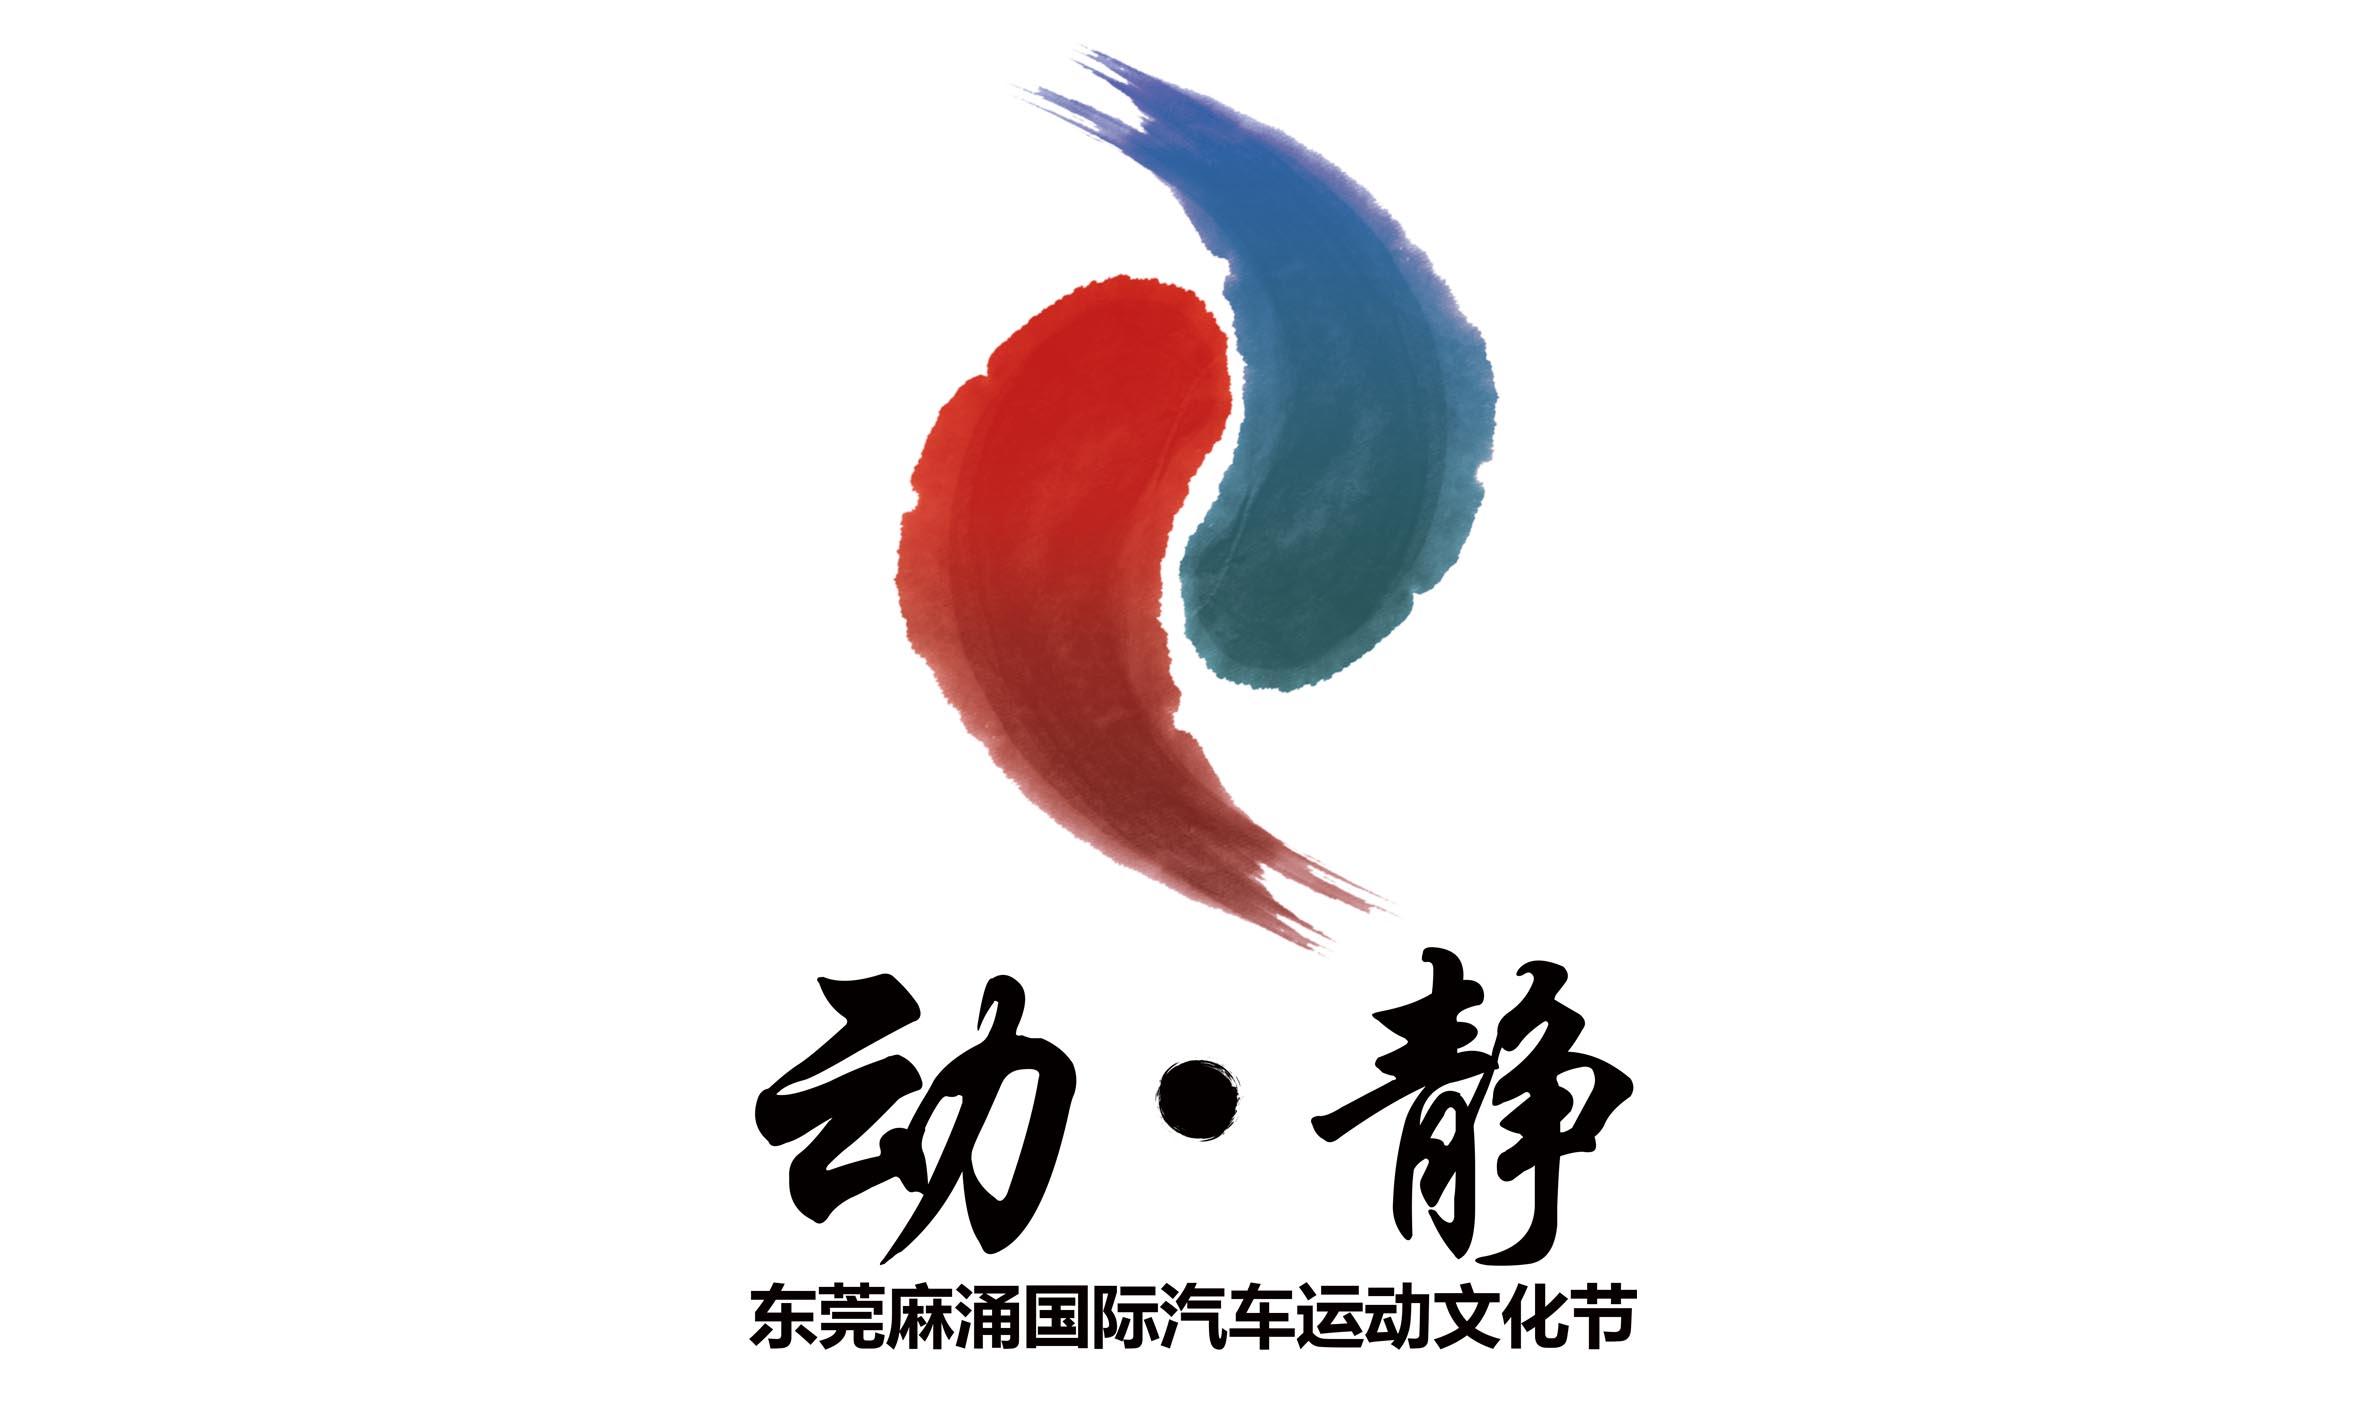 动·静 东莞麻涌国际汽车运动文化节将于5月8日火热来袭